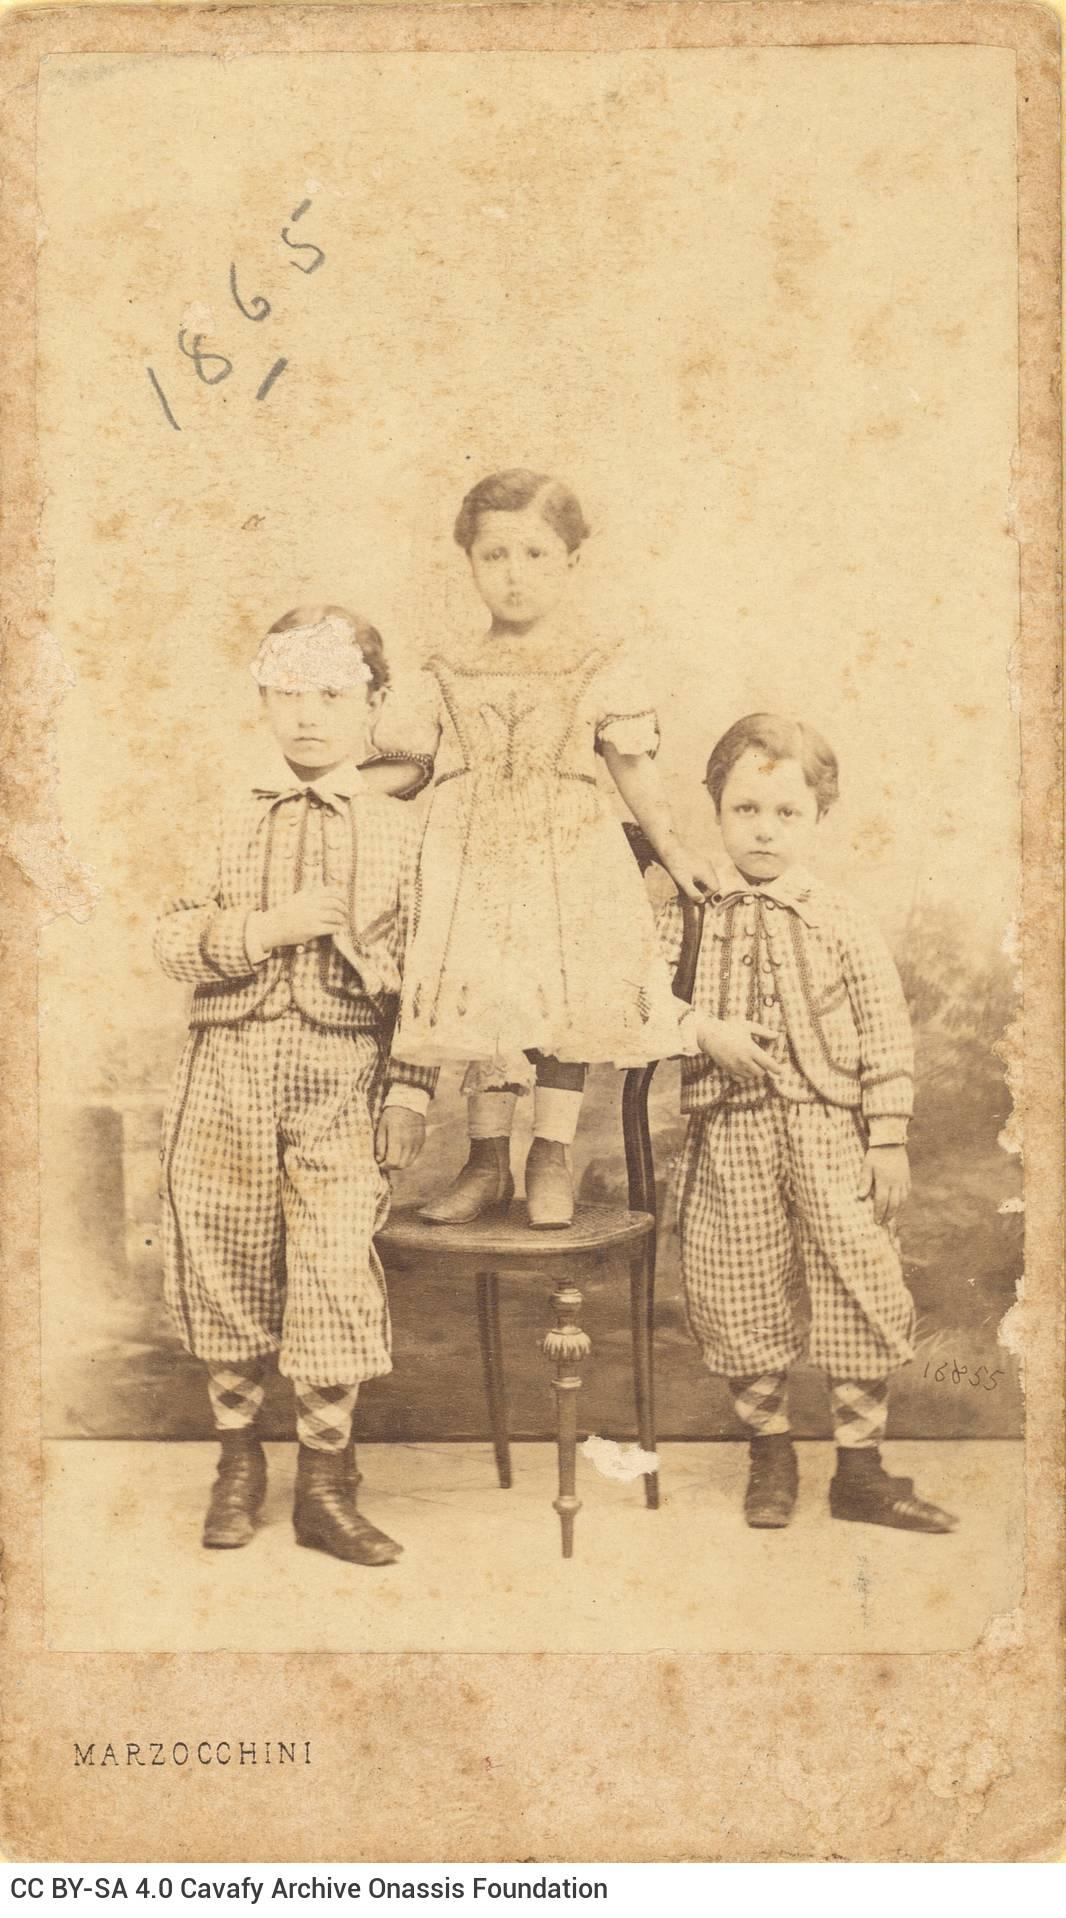 Φωτογραφία τριών μικρών αγοριών στο εργαστήριο του φωτογράφου. Εικο